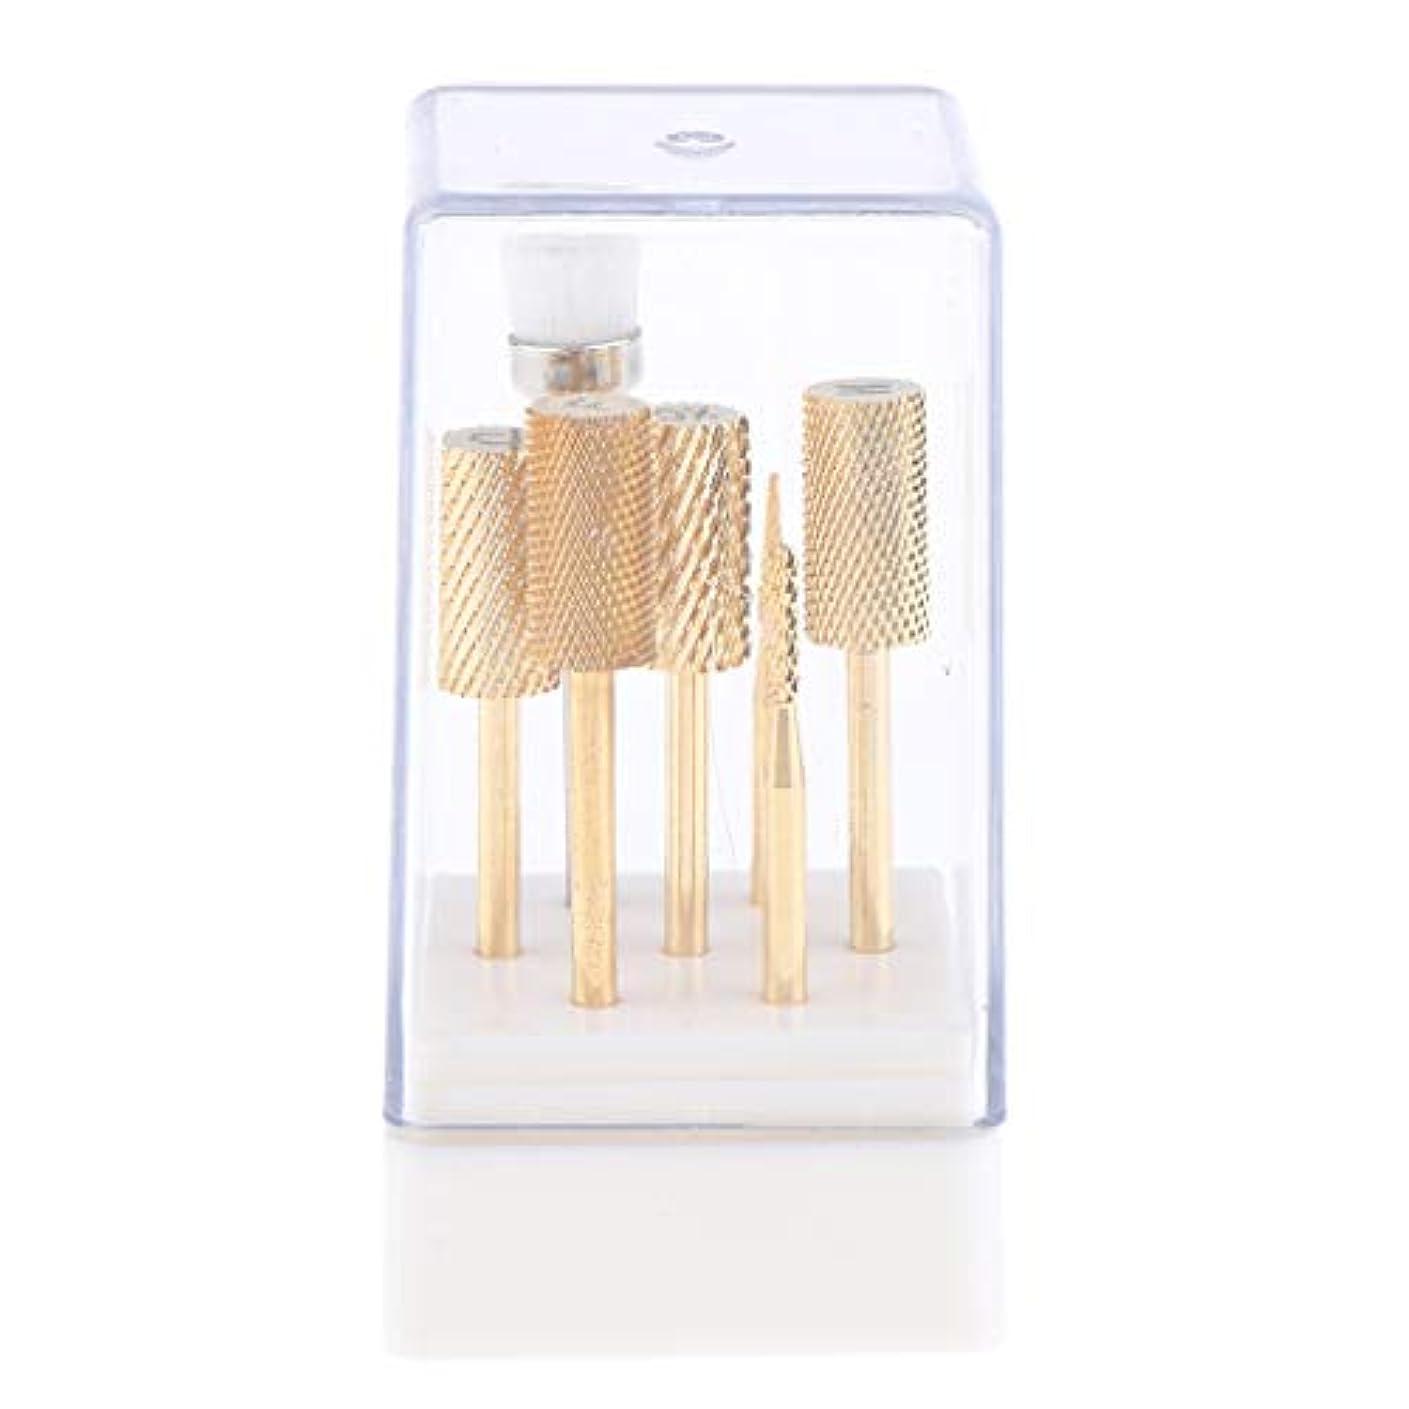 数人道的光沢のある7点 ネイルドリルビット 電動ネイルマシン適用 ゴールド ケース付き